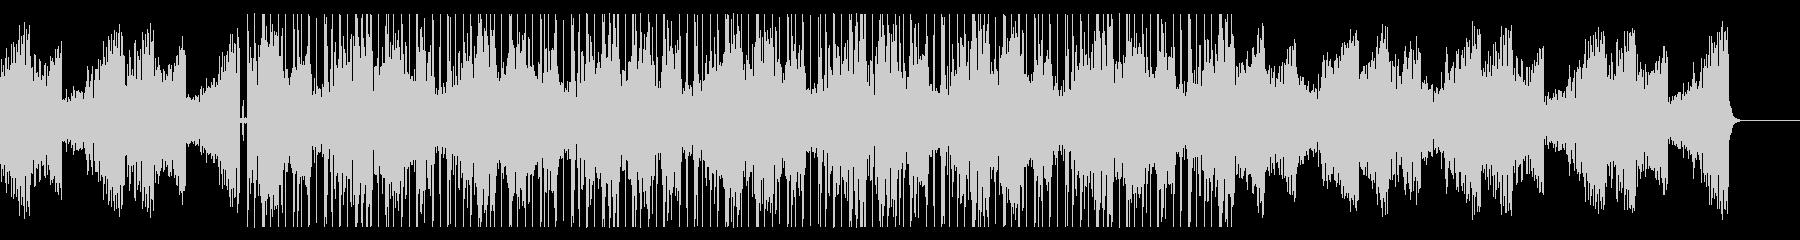 サックスソロの入ったチル・ヒップホップの未再生の波形